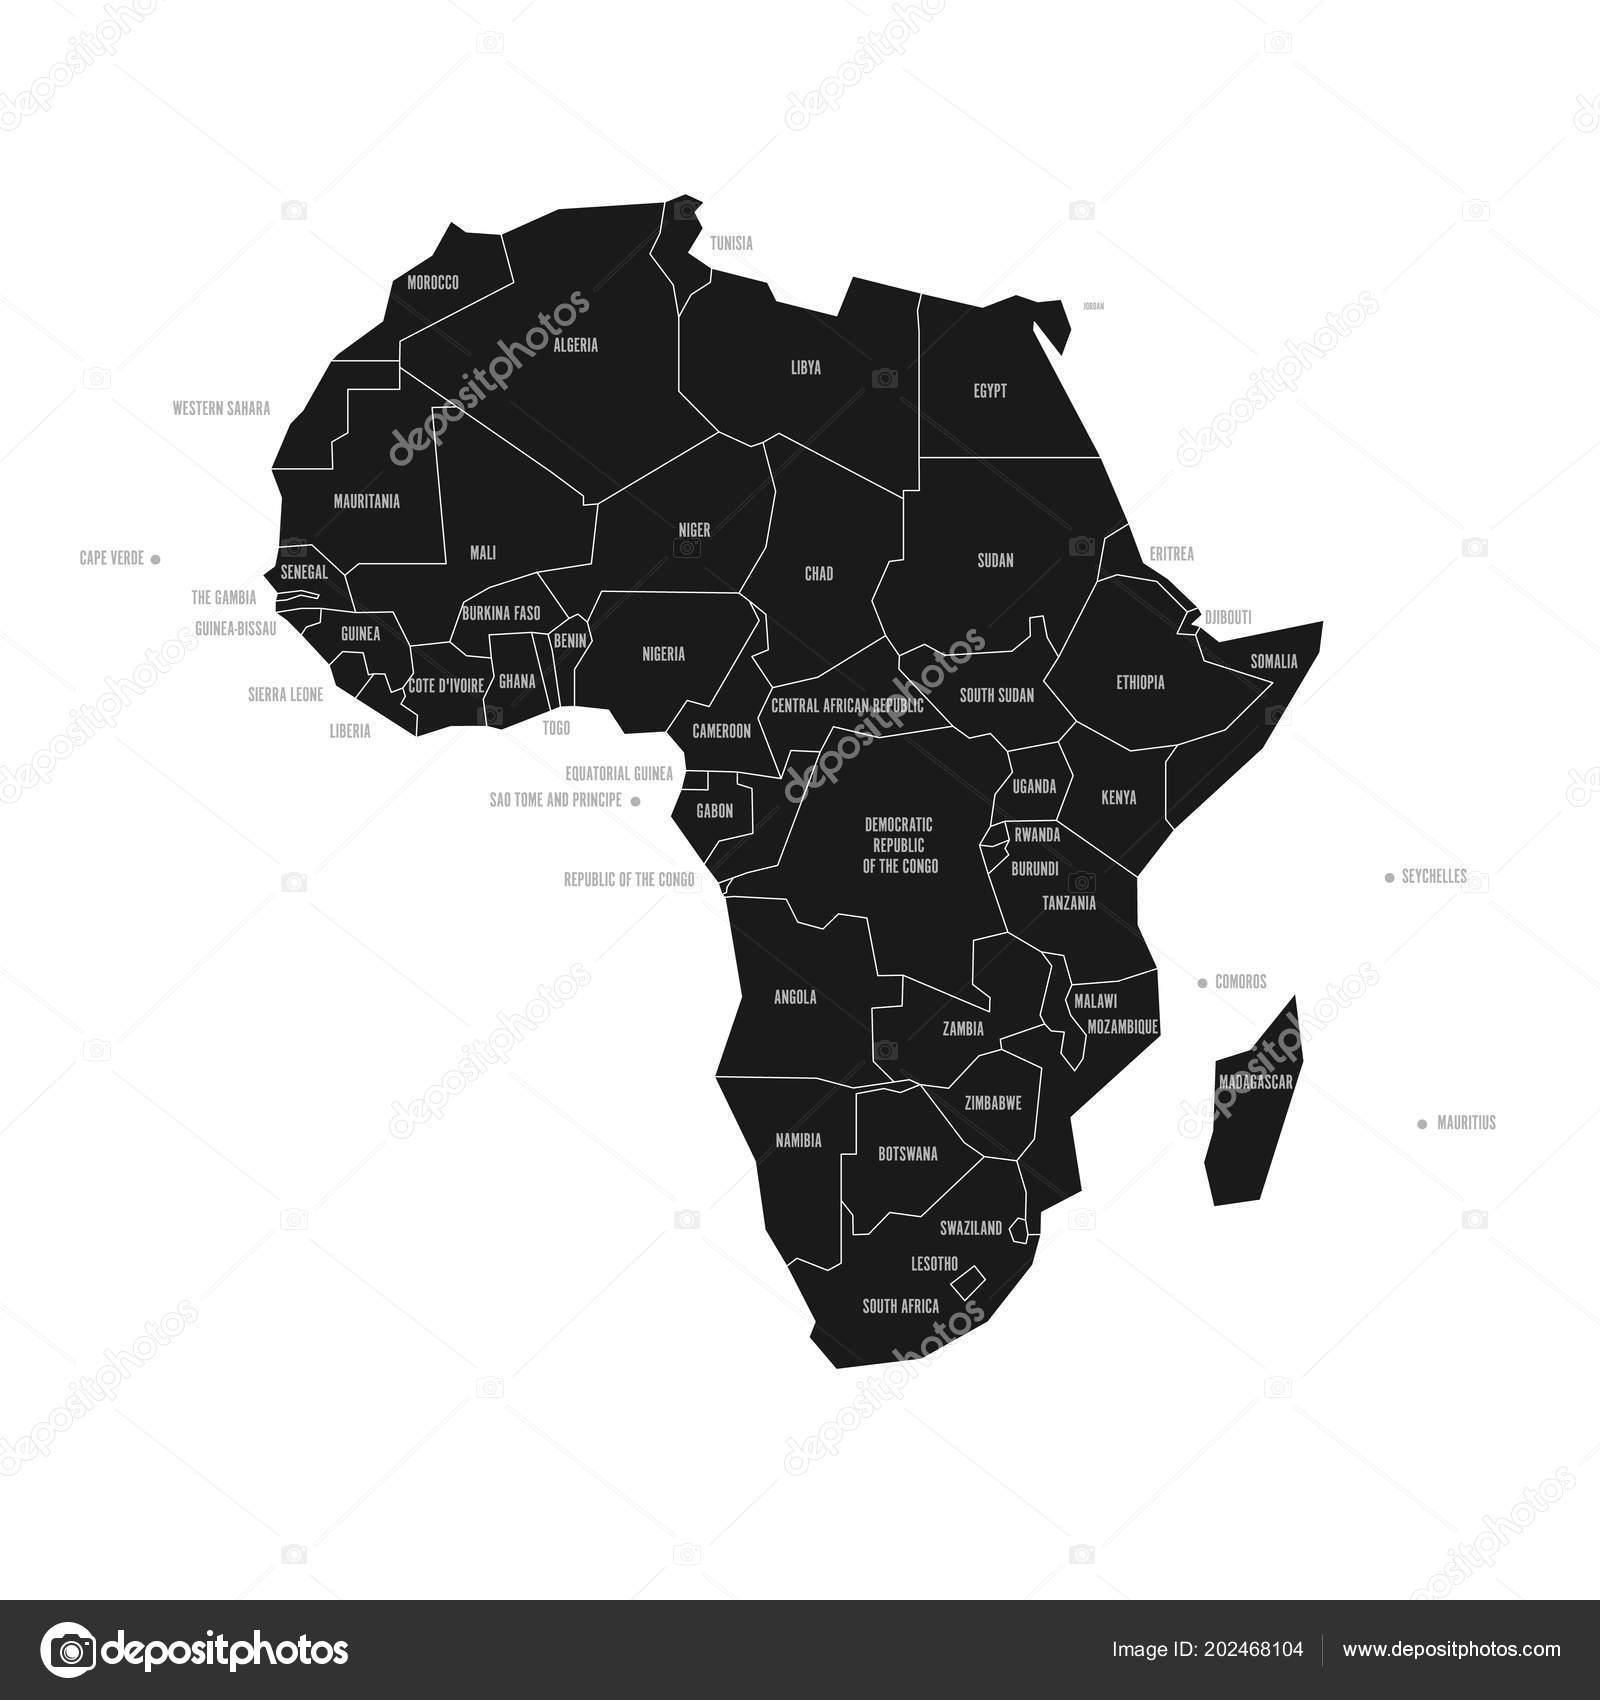 Cartina Dell Africa In Bianco E Nero.Mappa Schematica Semplificata Dell Africa Mappa Politica Vettoriale In Alto Contrasto Di Bianco E Nero Grafica Vettoriale C Pyty 202468104 Depositphotos